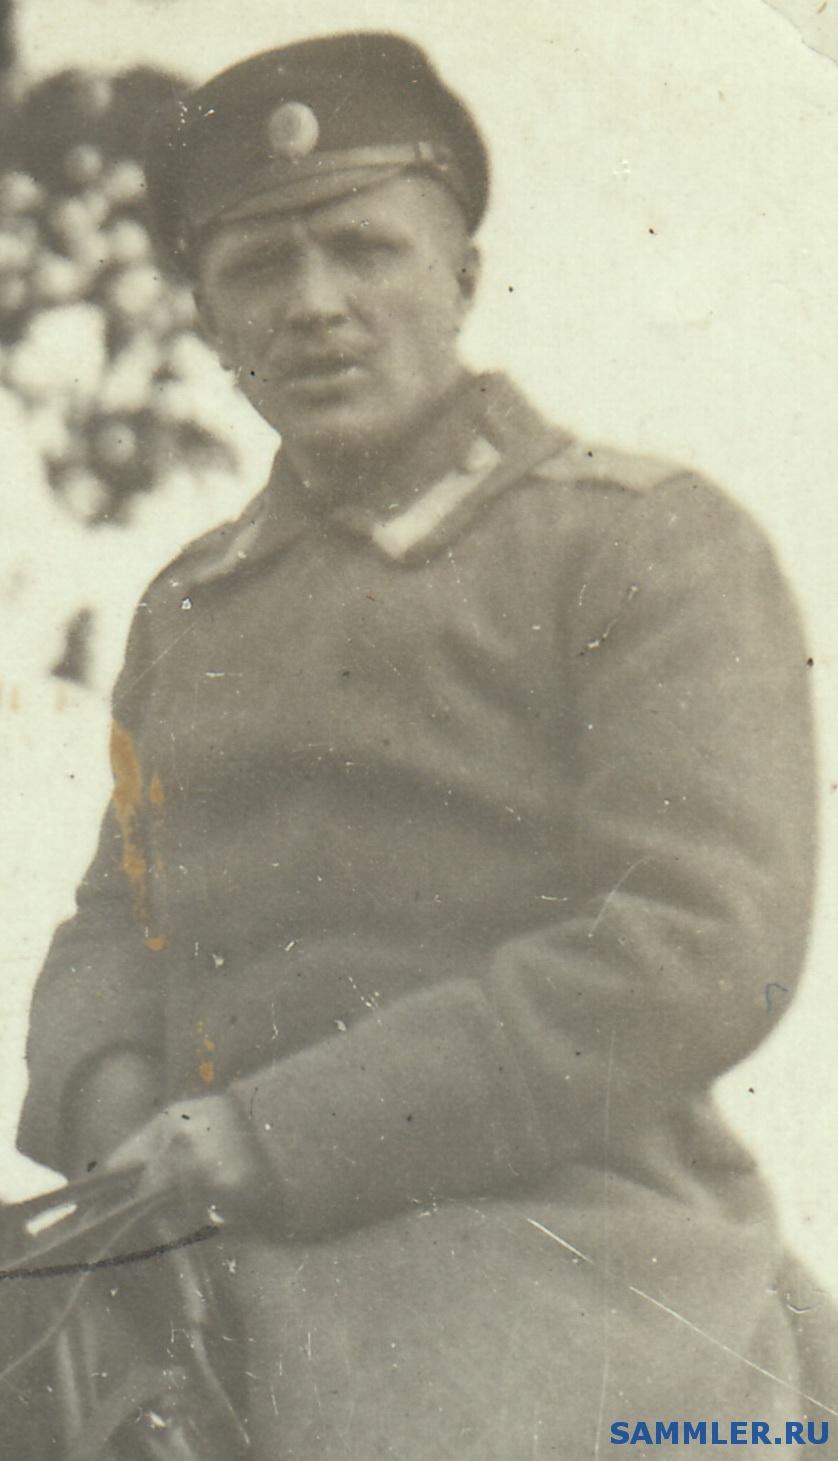 95-й пехотный Красноярский полк 4.1 5.jpg